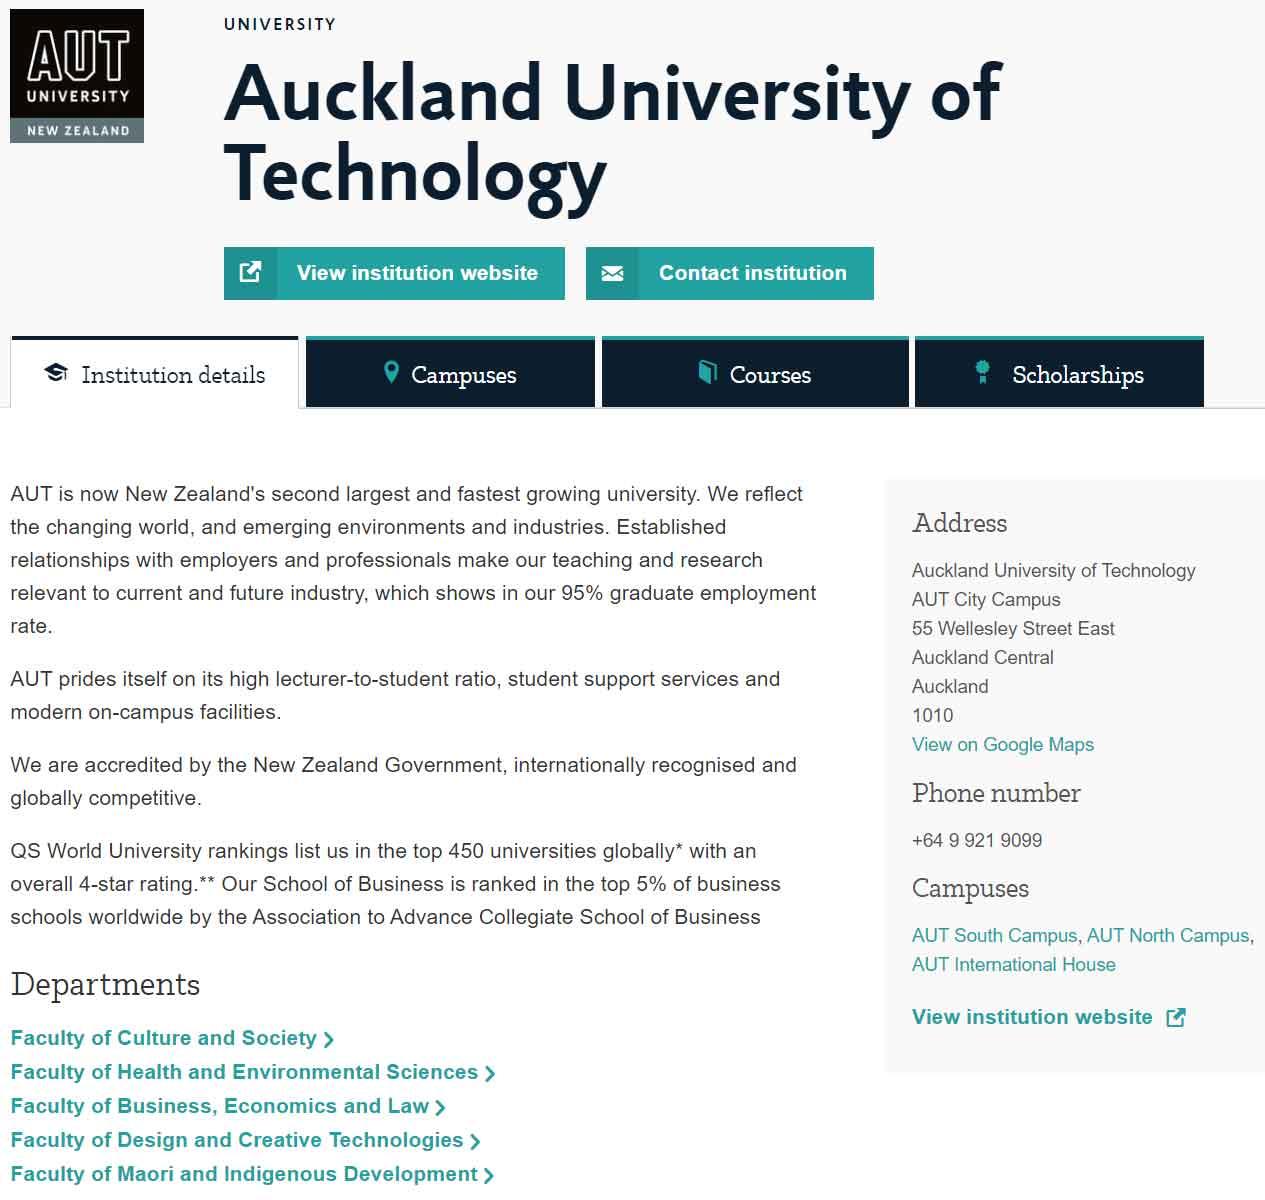 뉴질랜드 대학 전공 찾는법 6